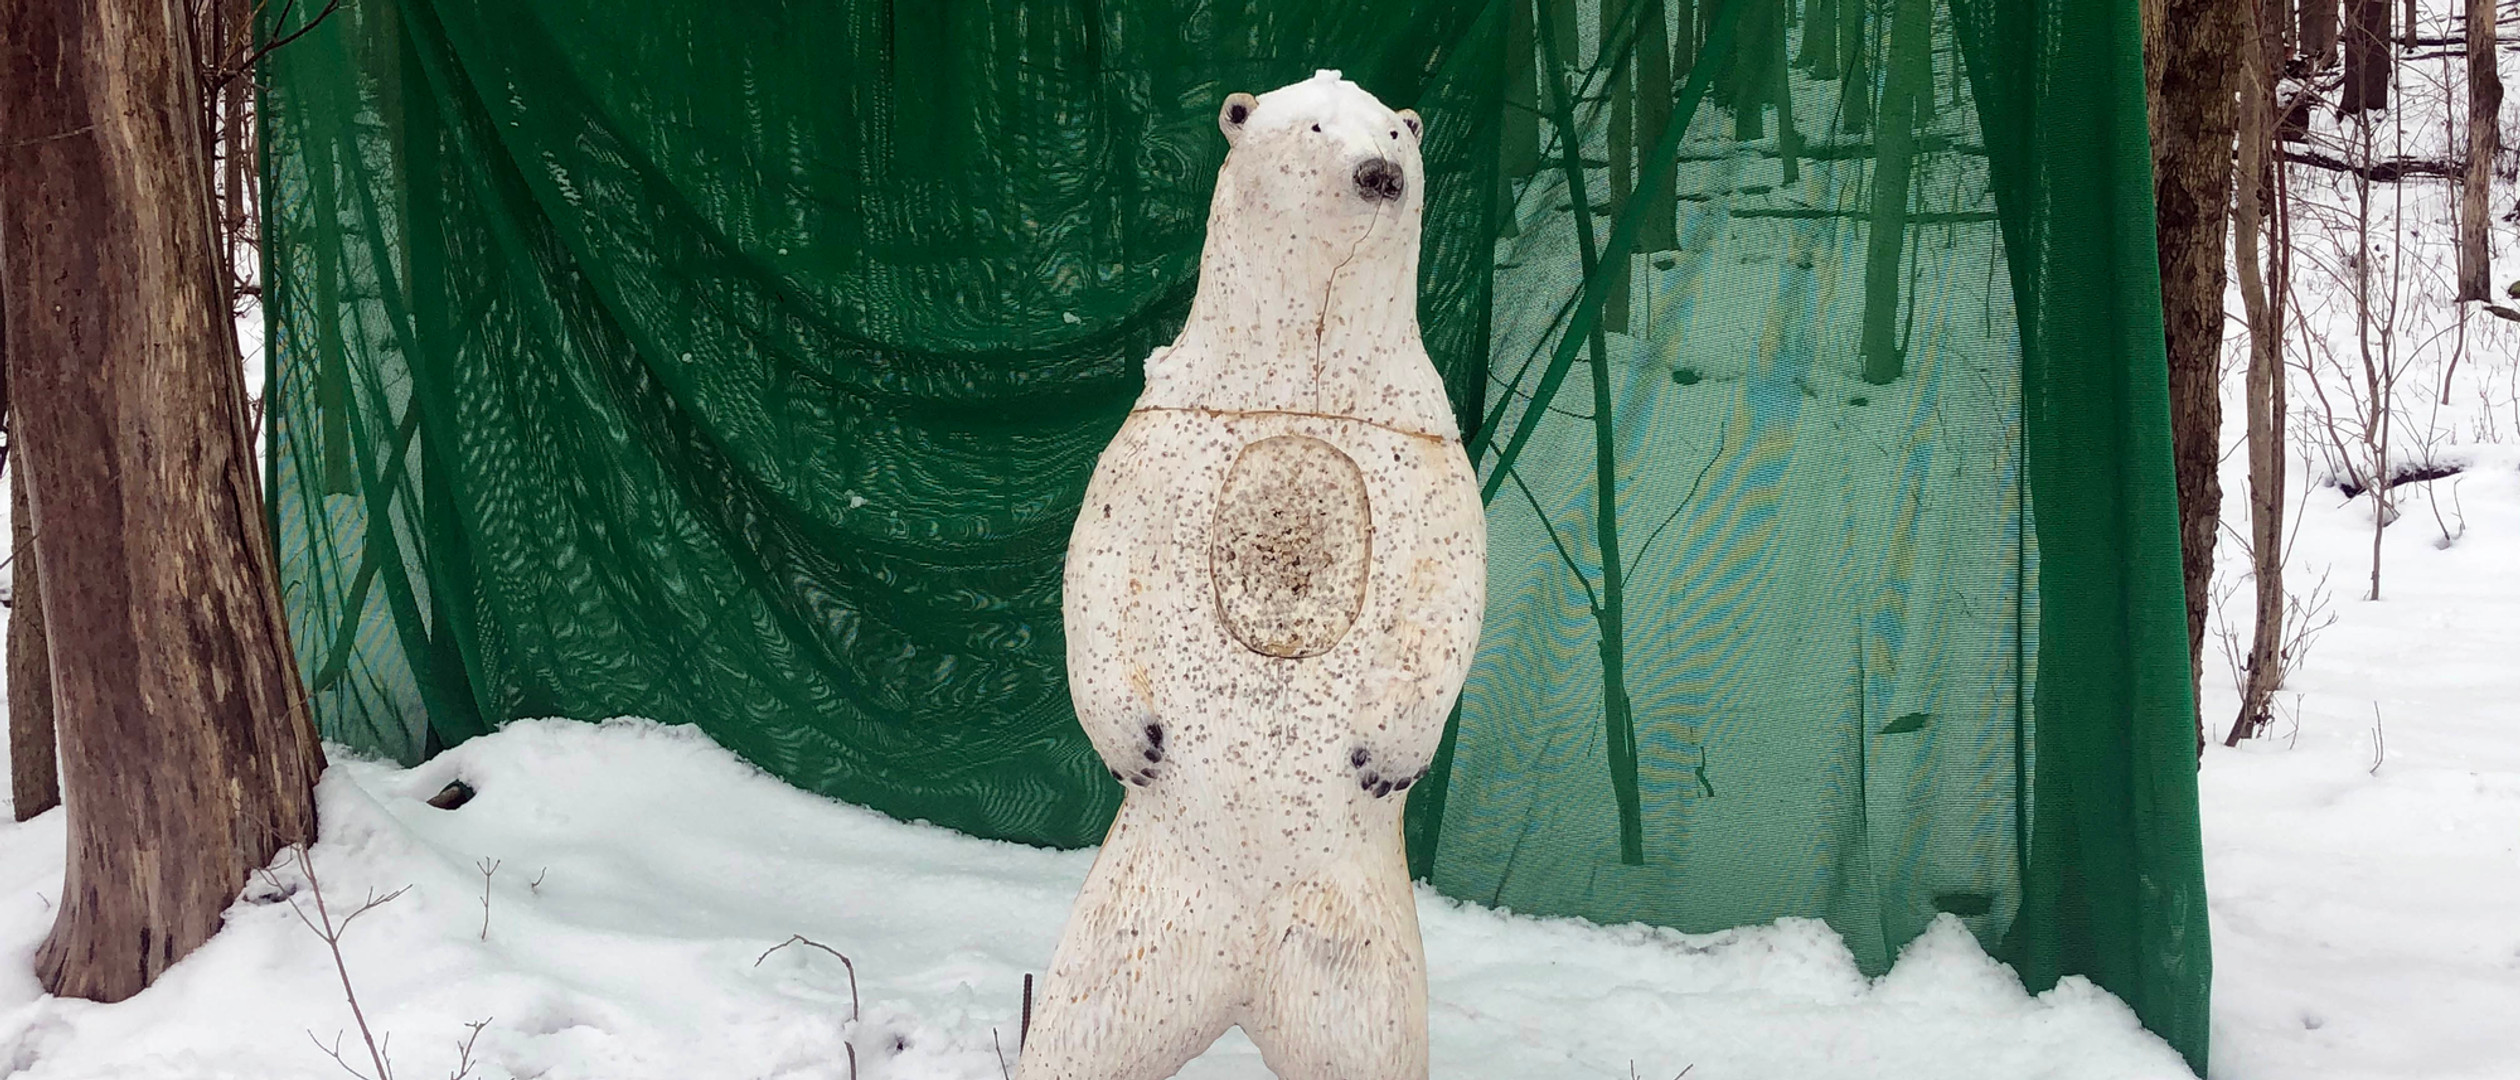 Polar Bear in Winter.jpg